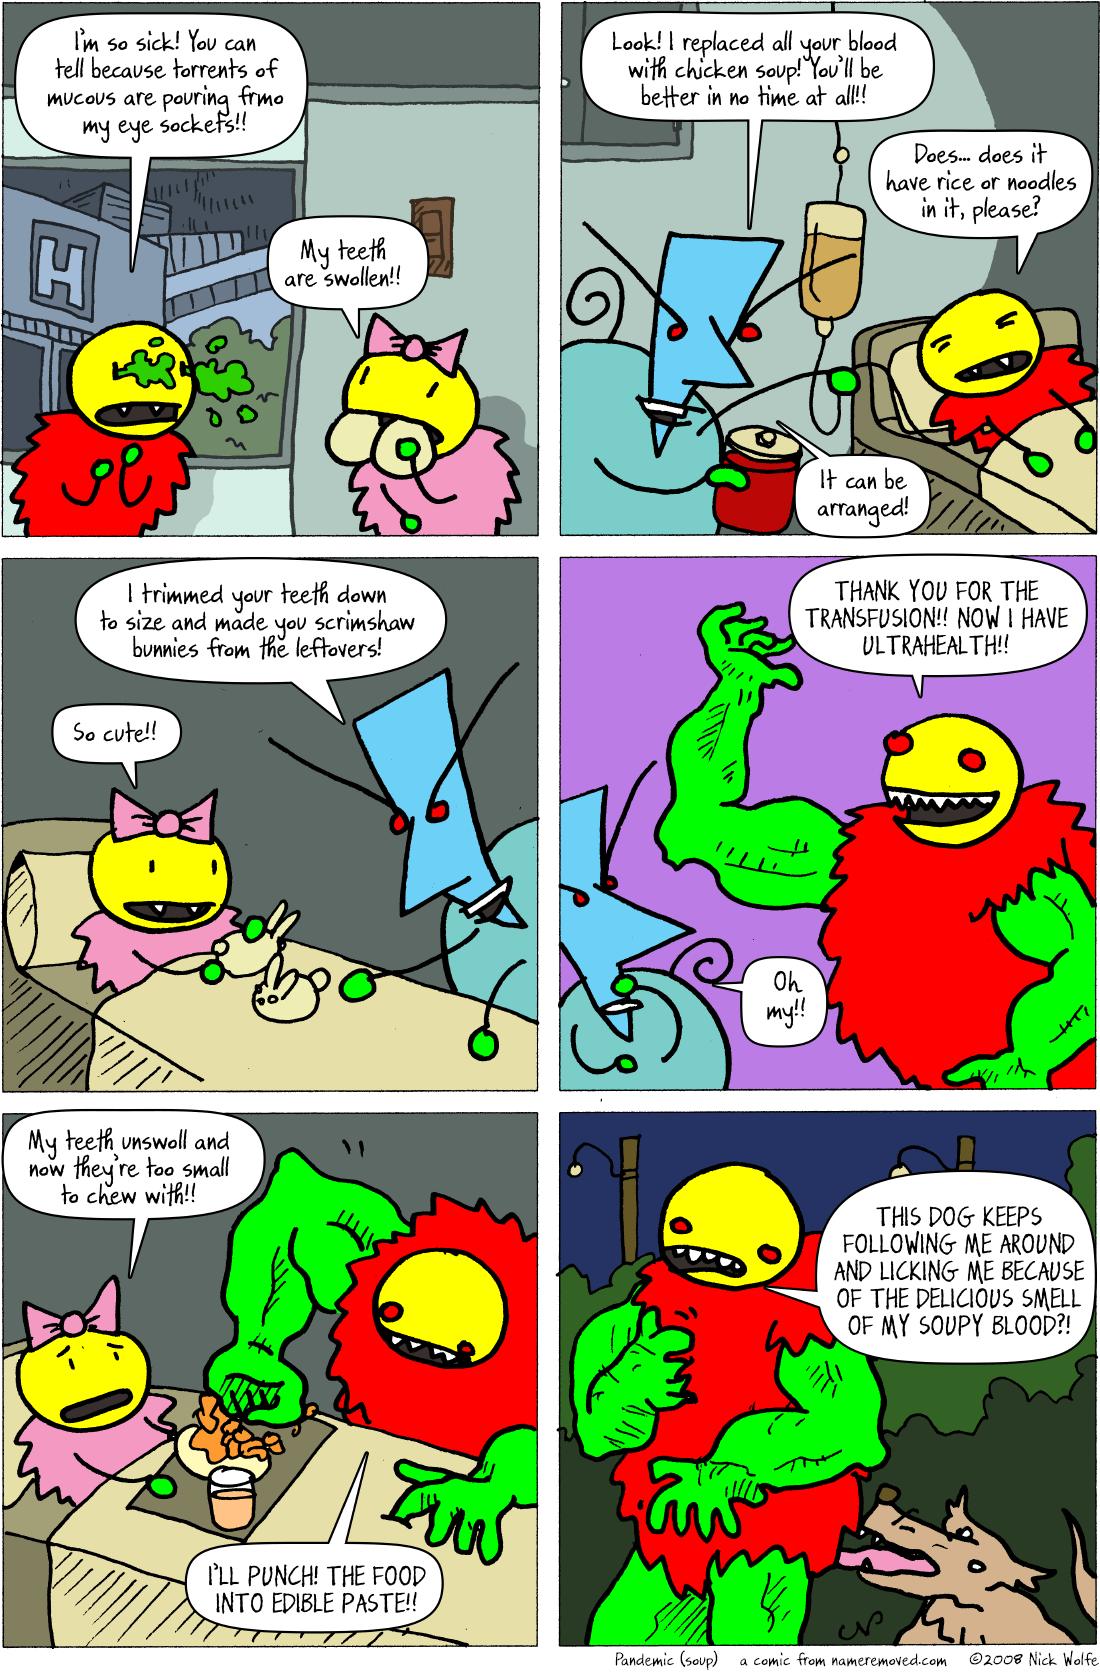 Pandemic (soup)